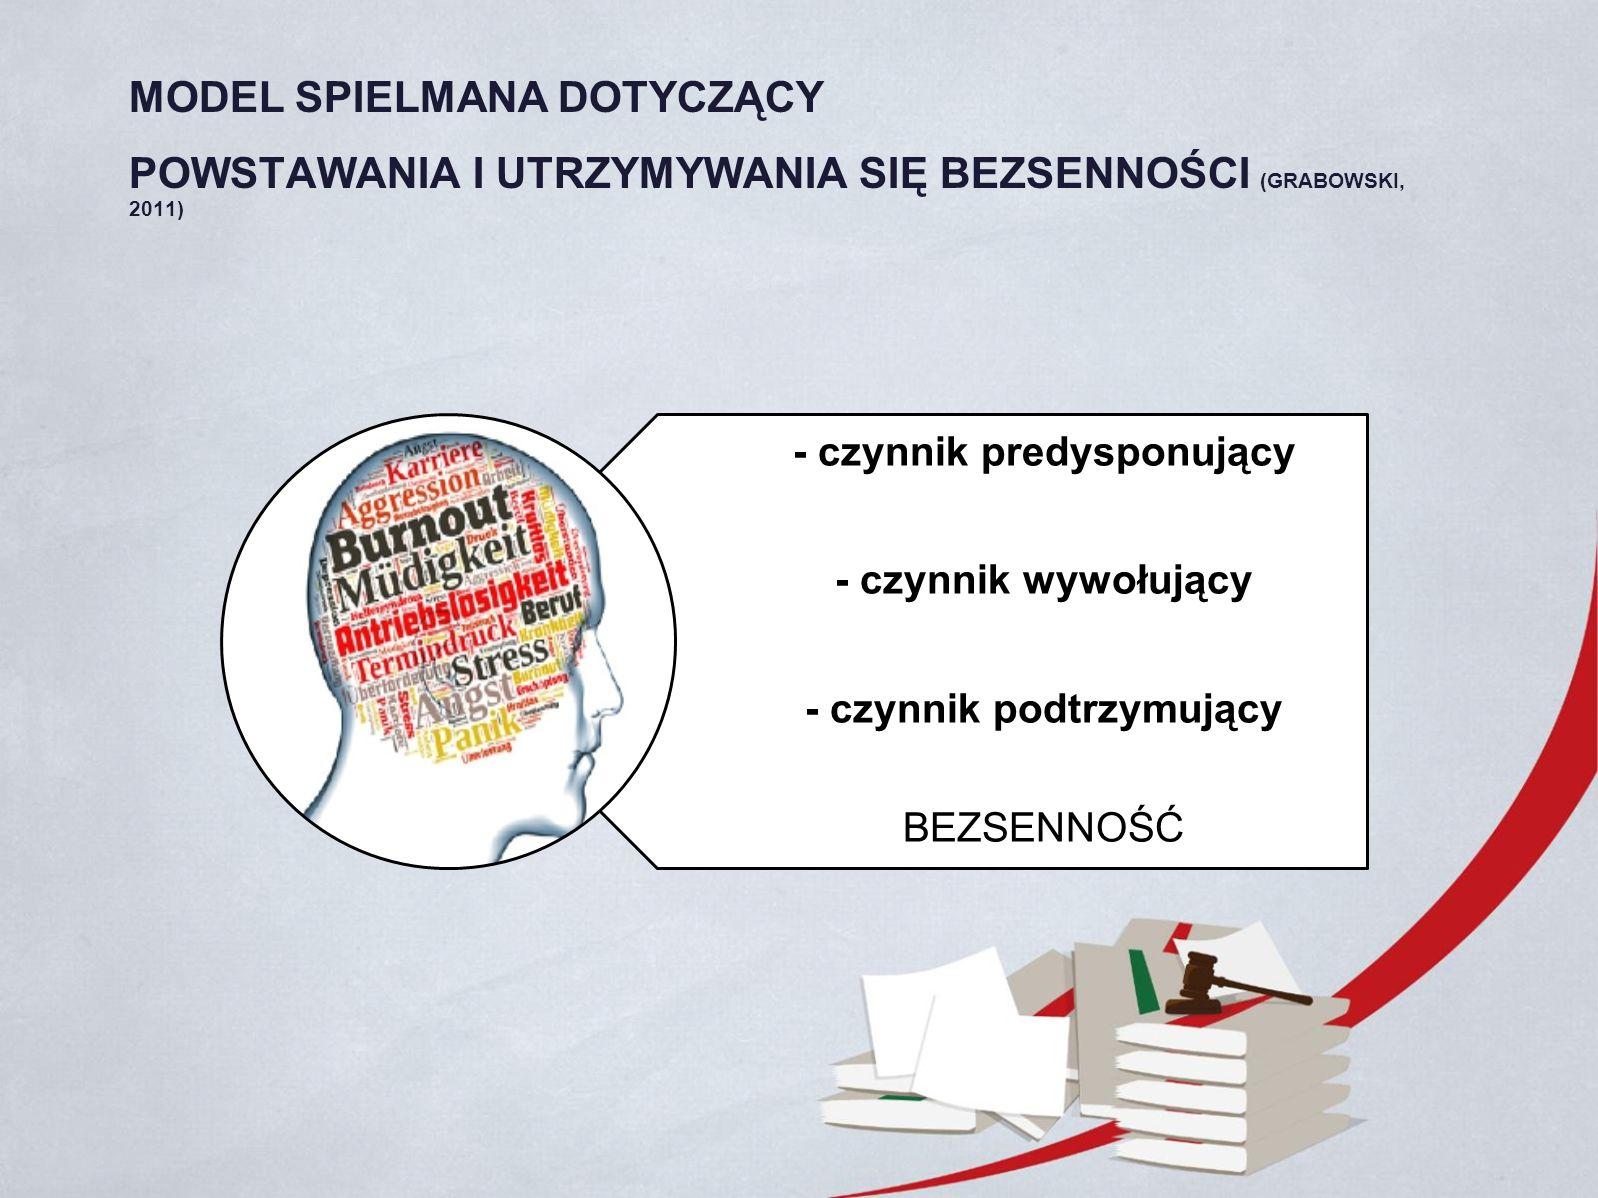 - czynnik predysponujący - czynnik wywołujący - czynnik podtrzymujący BEZSENNOŚĆ MODEL SPIELMANA DOTYCZĄCY POWSTAWANIA I UTRZYMYWANIA SIĘ BEZSENNOŚCI (GRABOWSKI, 2011)